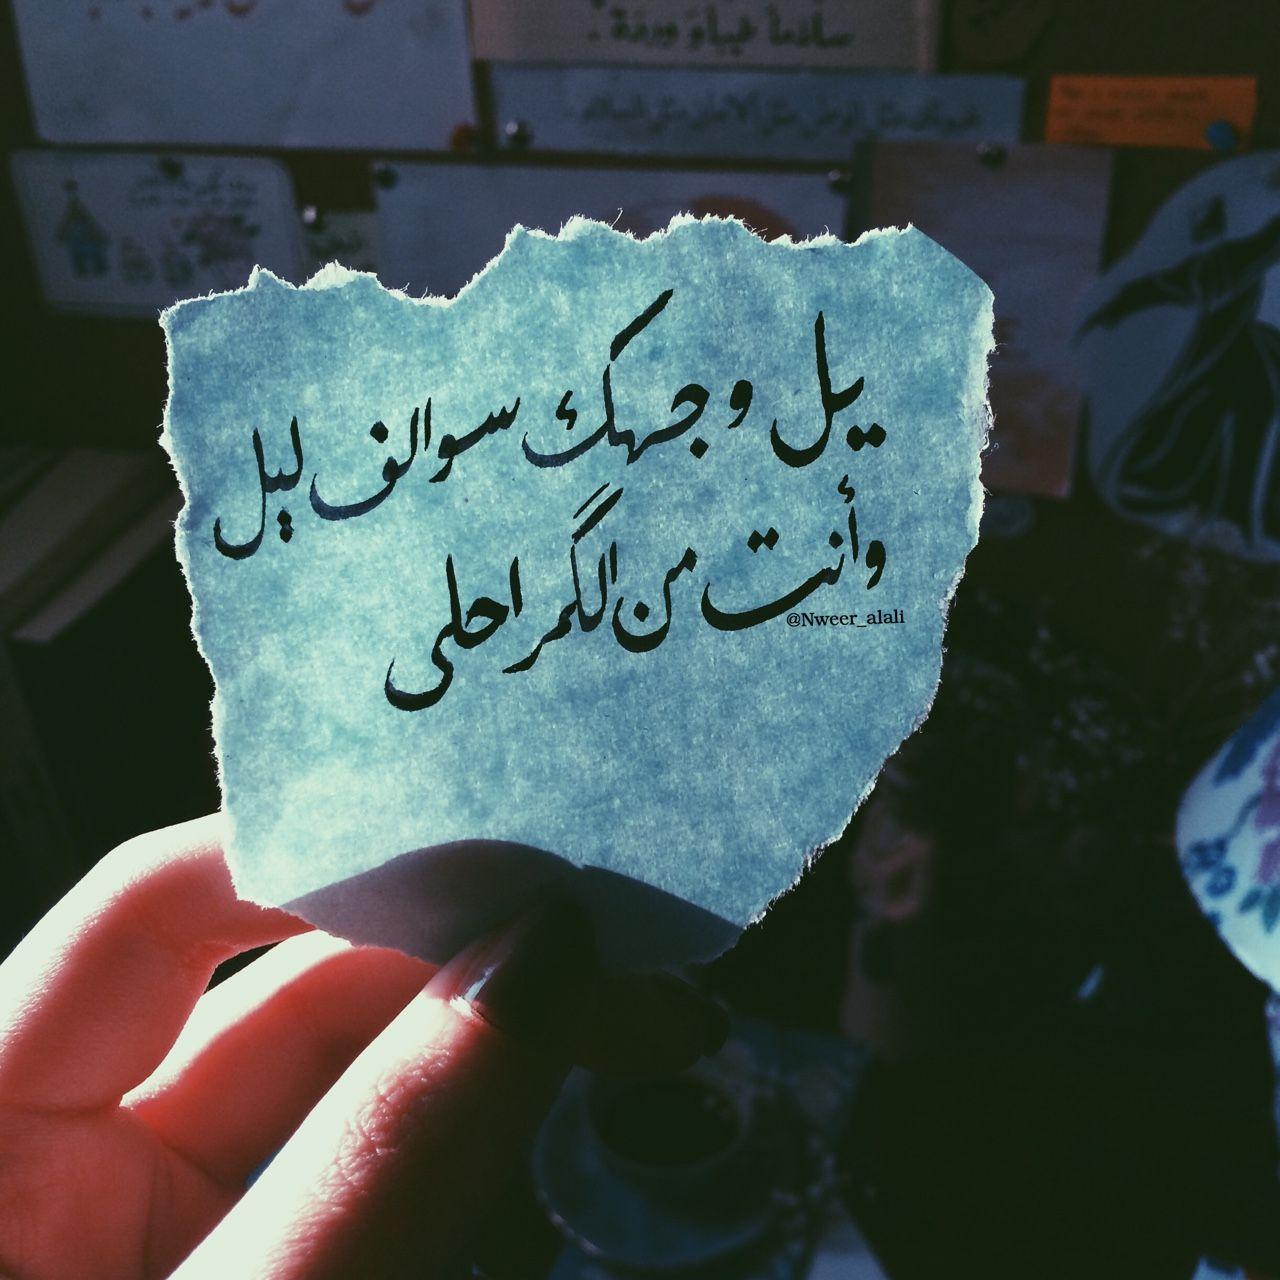 صورة اكيد الحب احلى حاجة في الدنيا , كلمات حب قصيره جدا 2445 2